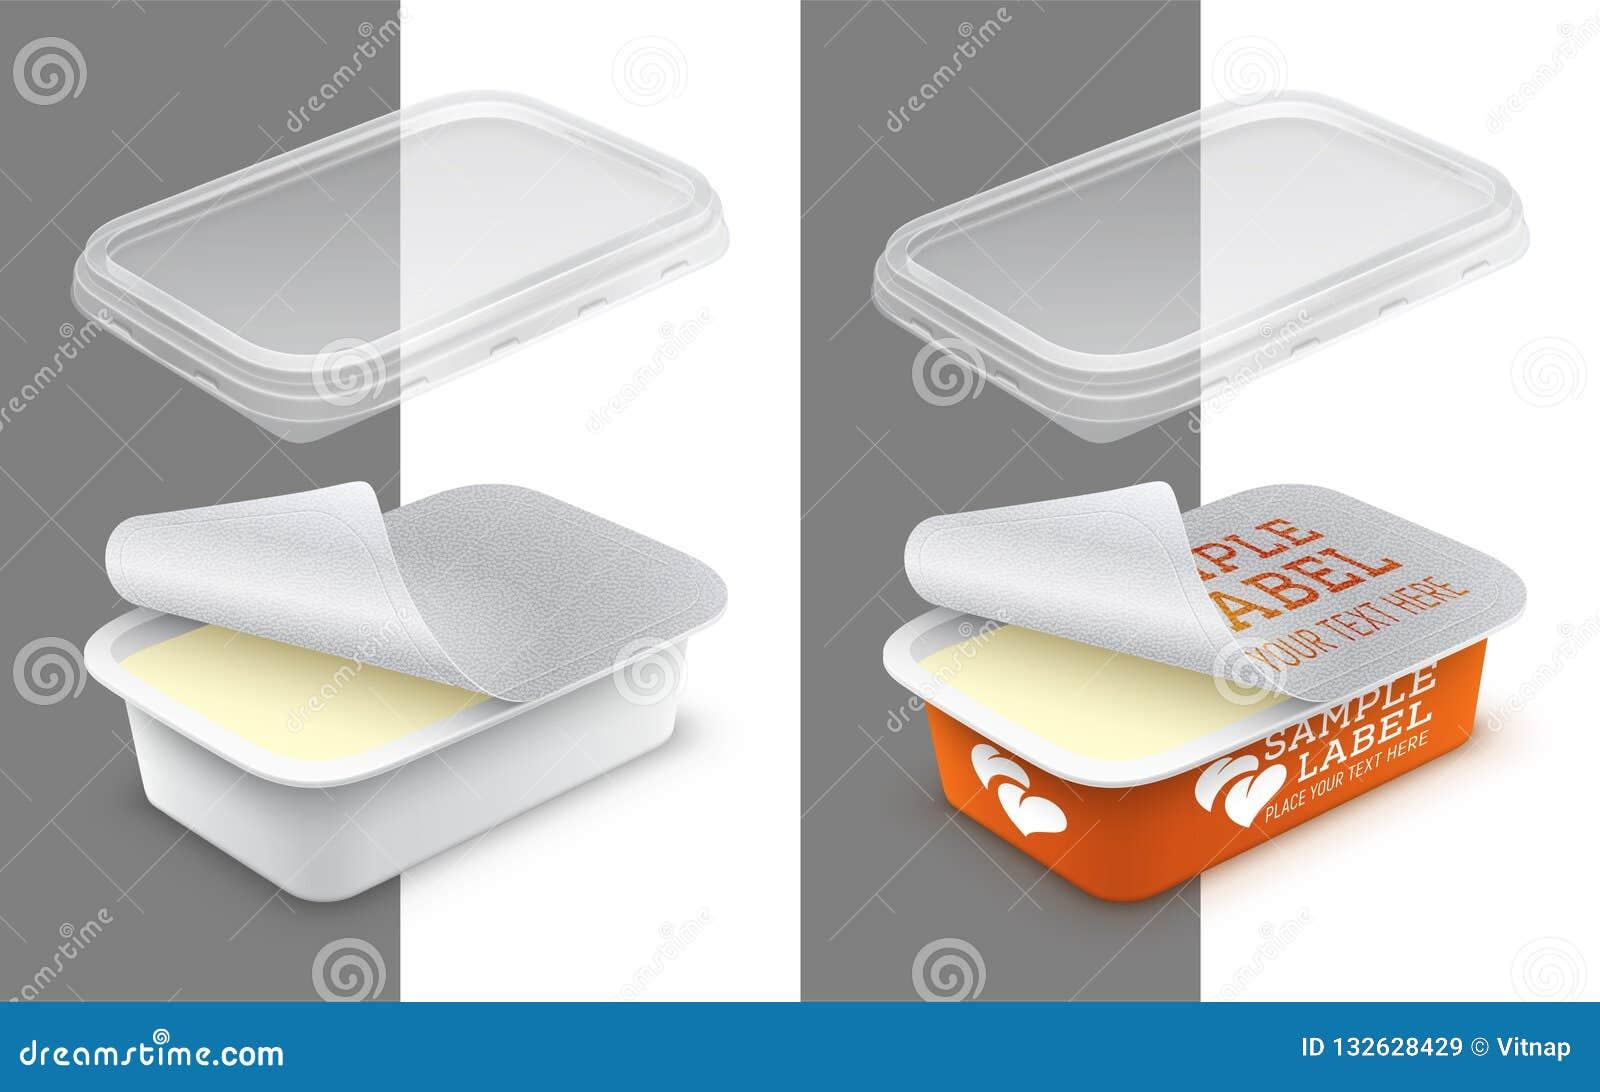 Вектор обозначил открытый прямоугольный пластмасовый контейнер с фольгой